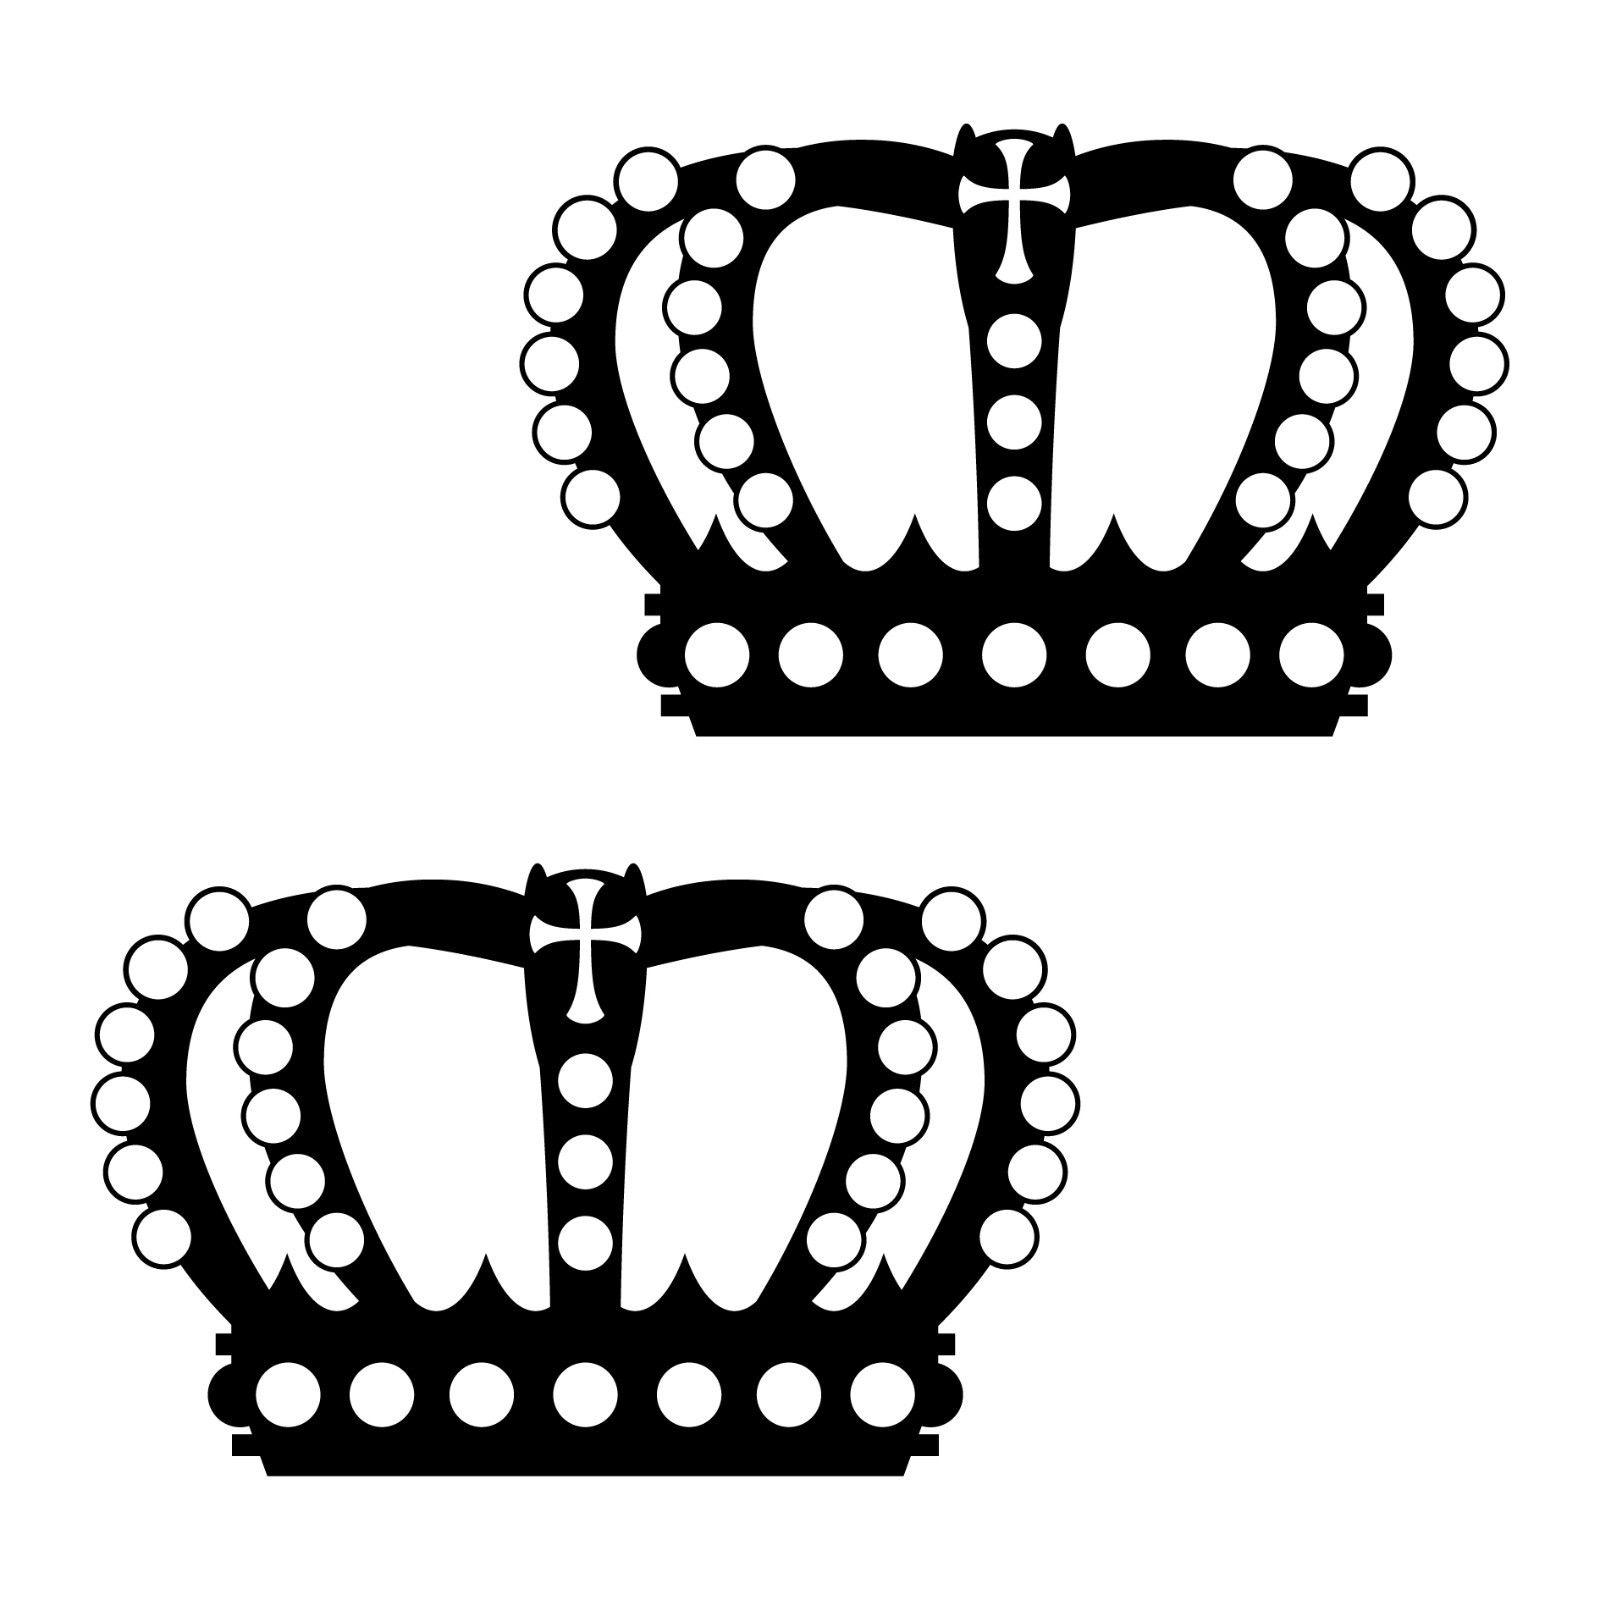 2 kronen 12cm schwarz k nig krone aufkleber tattoo wandtattoo die cut deko folie kaufen bei. Black Bedroom Furniture Sets. Home Design Ideas